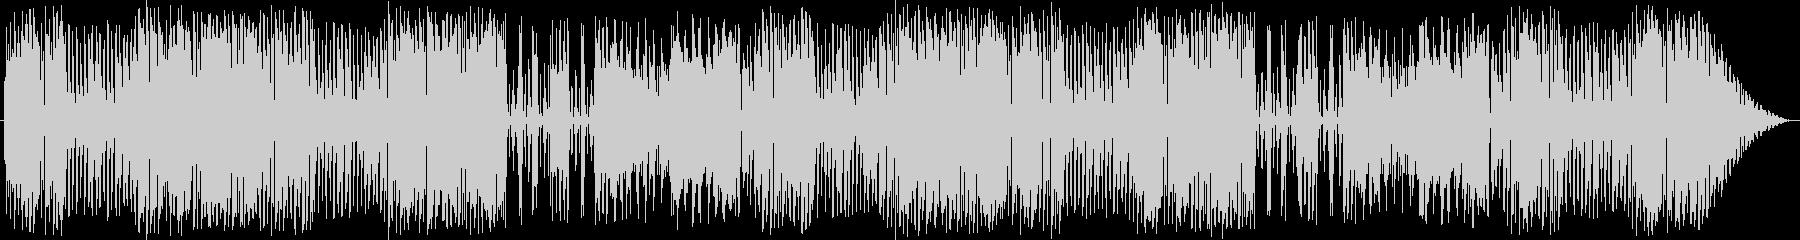 リコーダーやピアニカを使った可愛い曲の未再生の波形